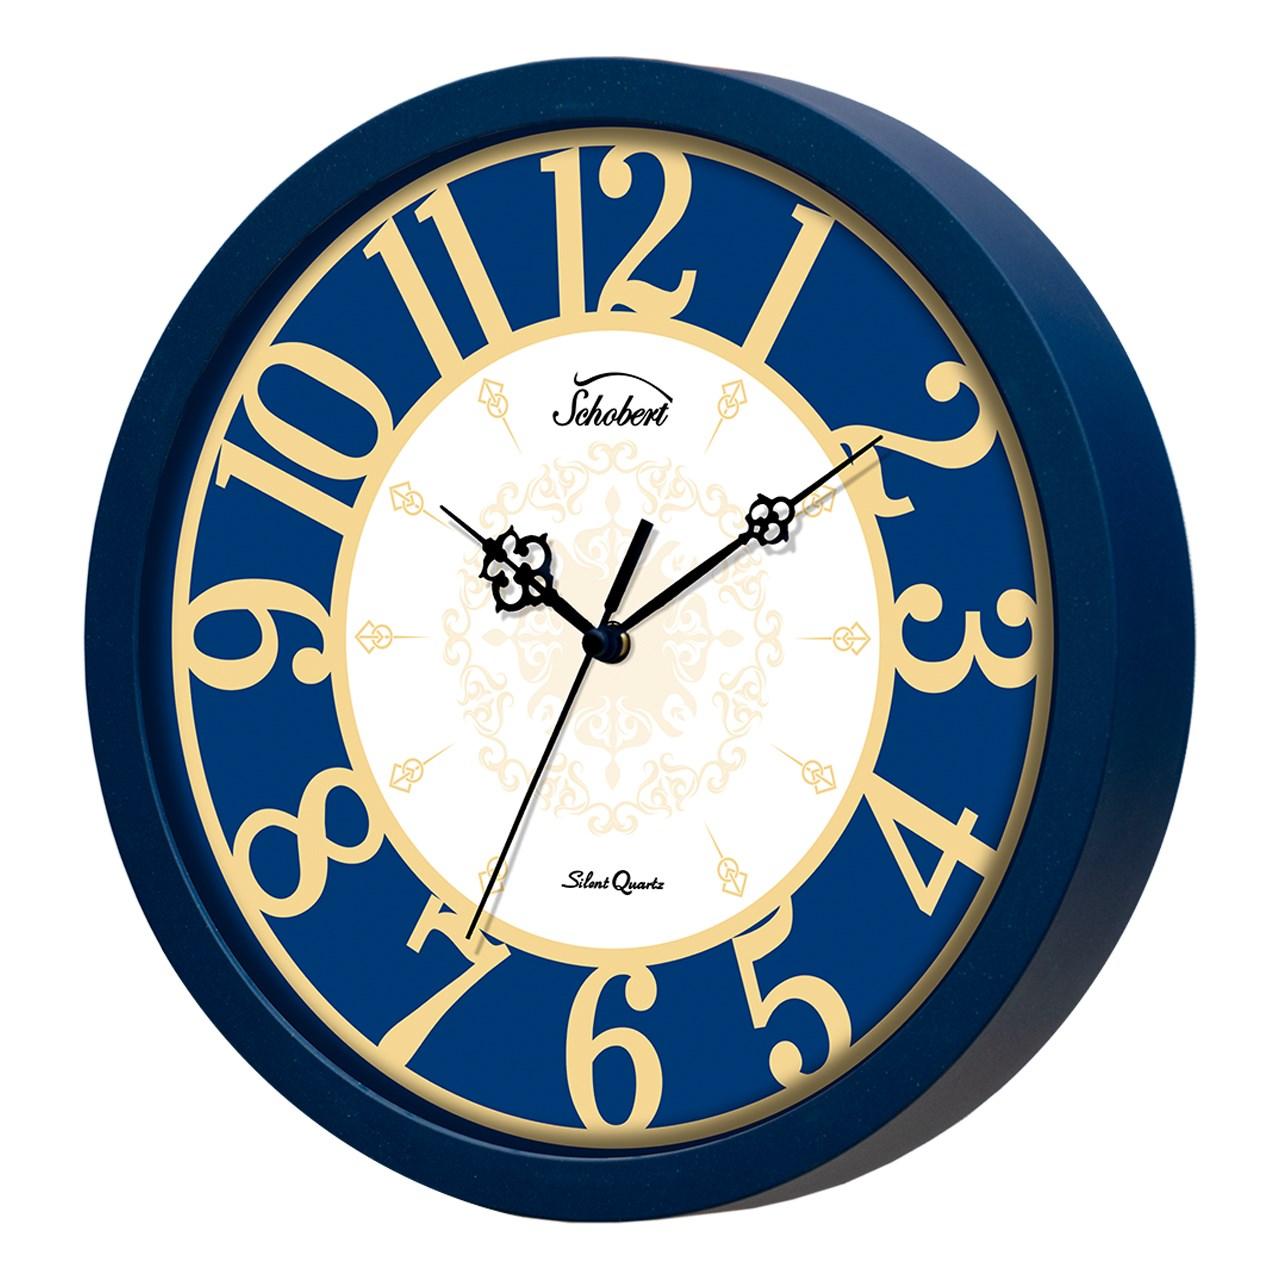 ساعت دیواری شوبرت مدل 5157